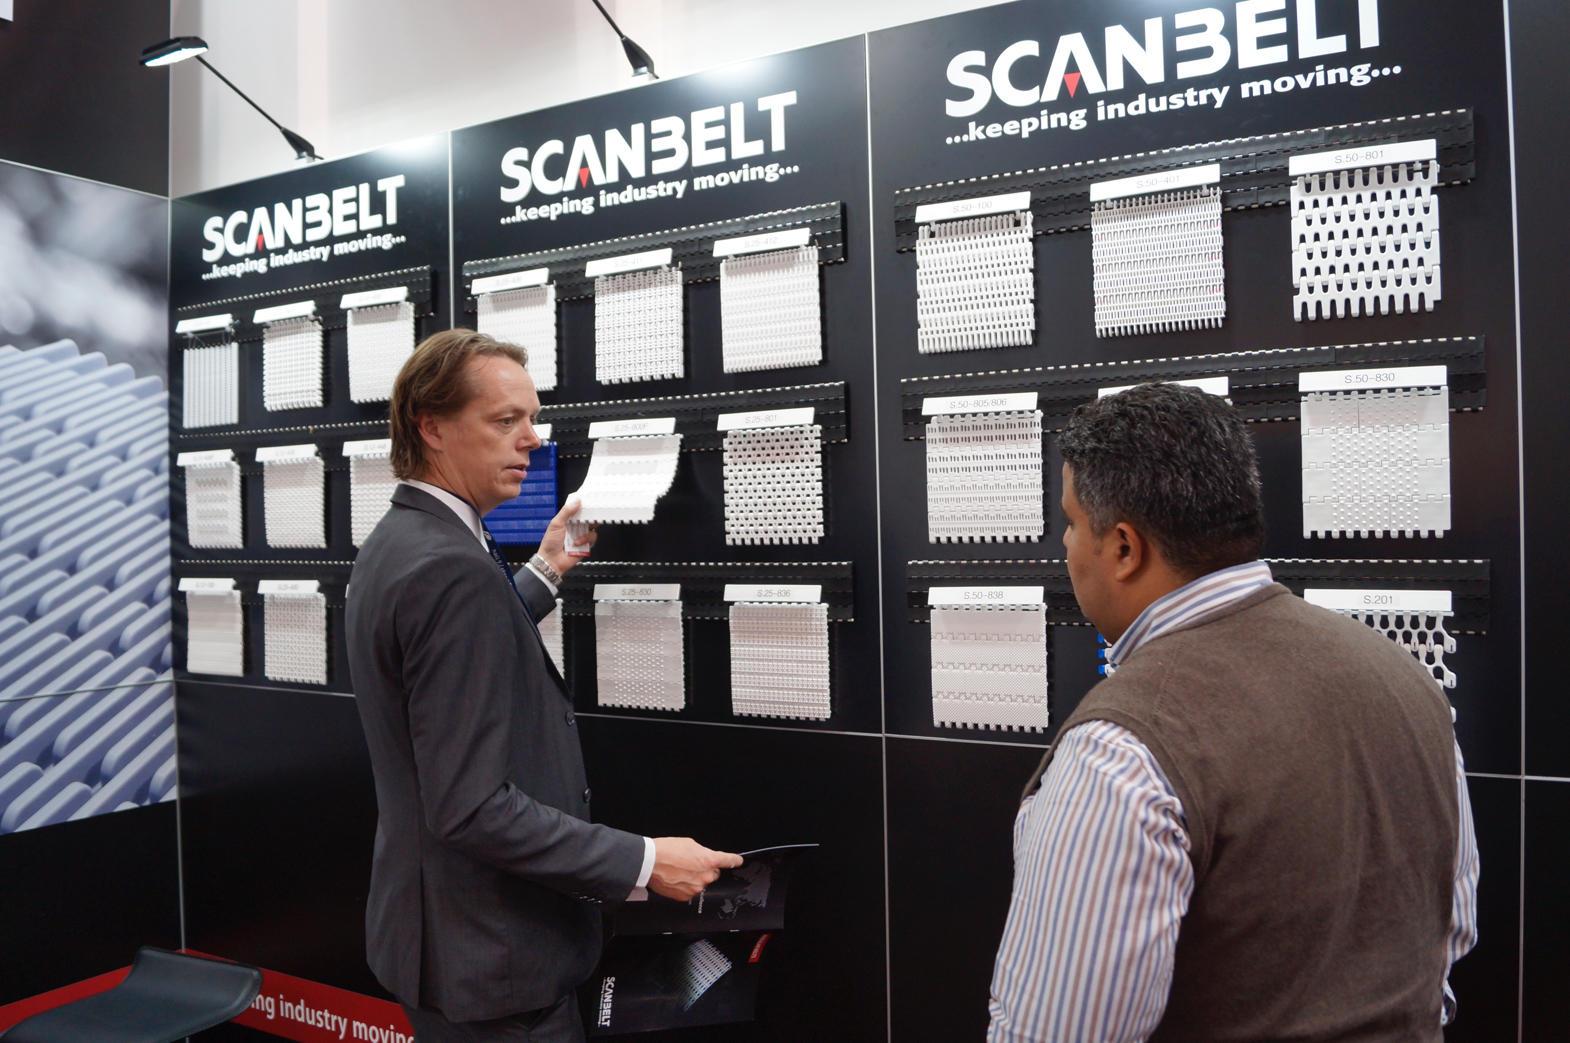 CleverFrame messestand til Scanbelt leveret af Provendi